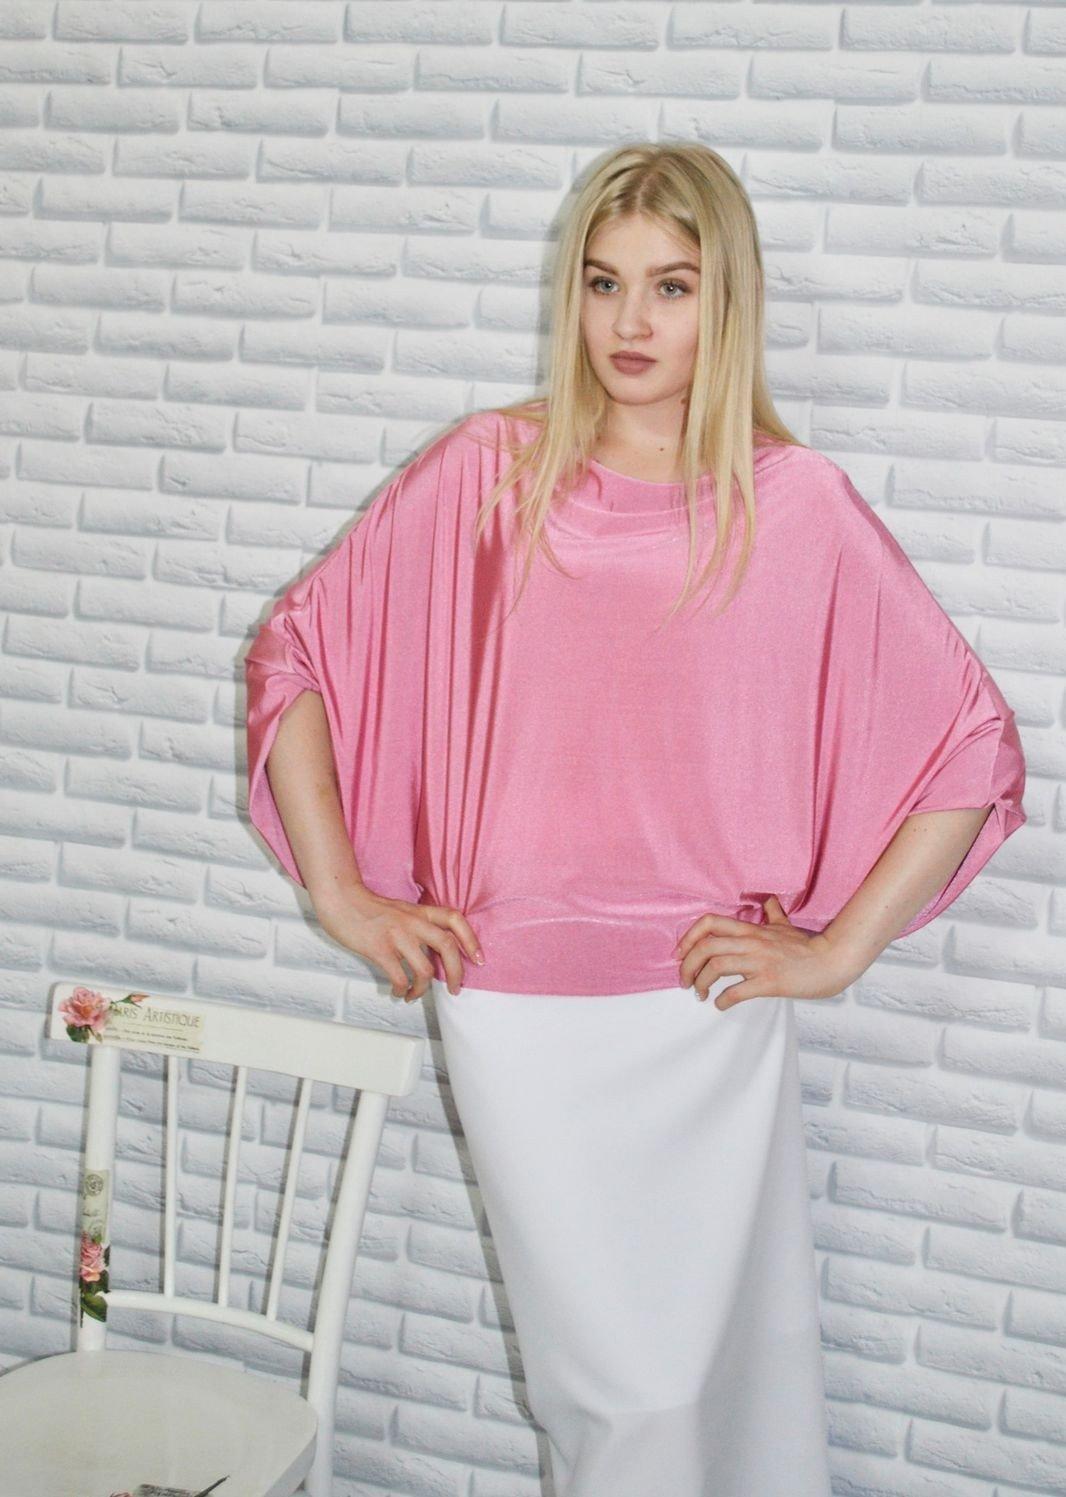 Розовая блузка рукава-летучая мышь